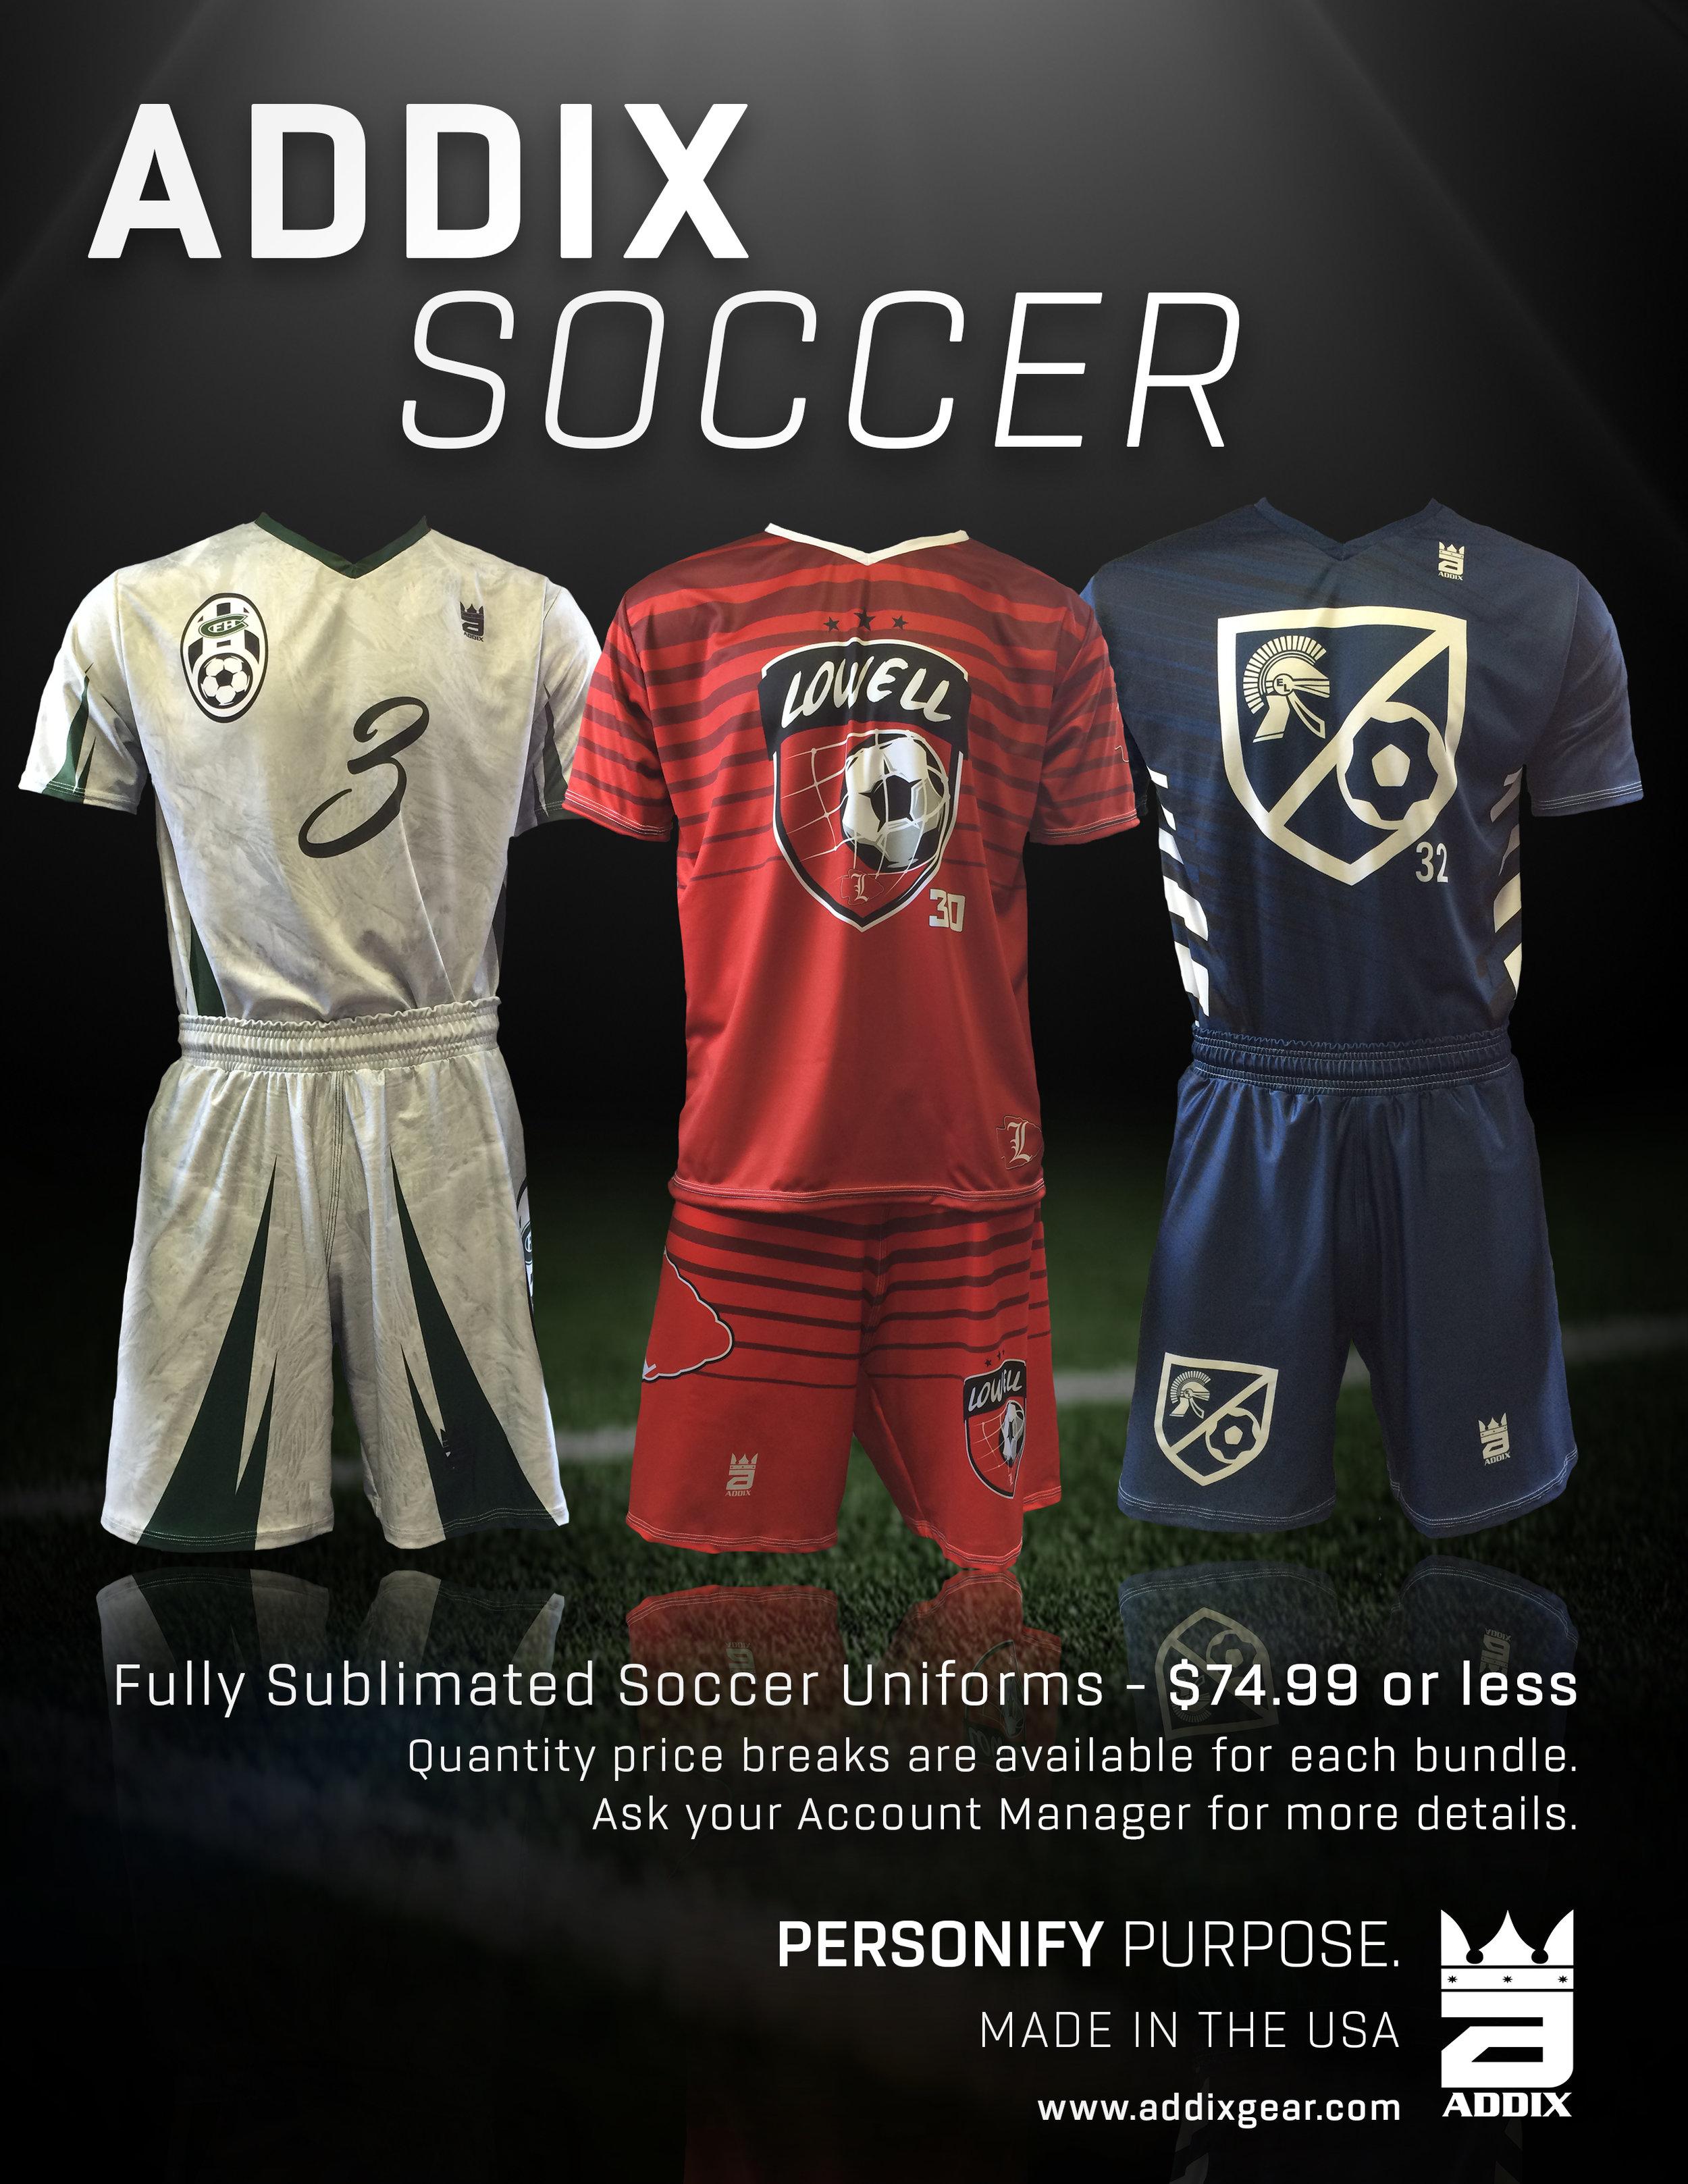 soccer flyer.jpg